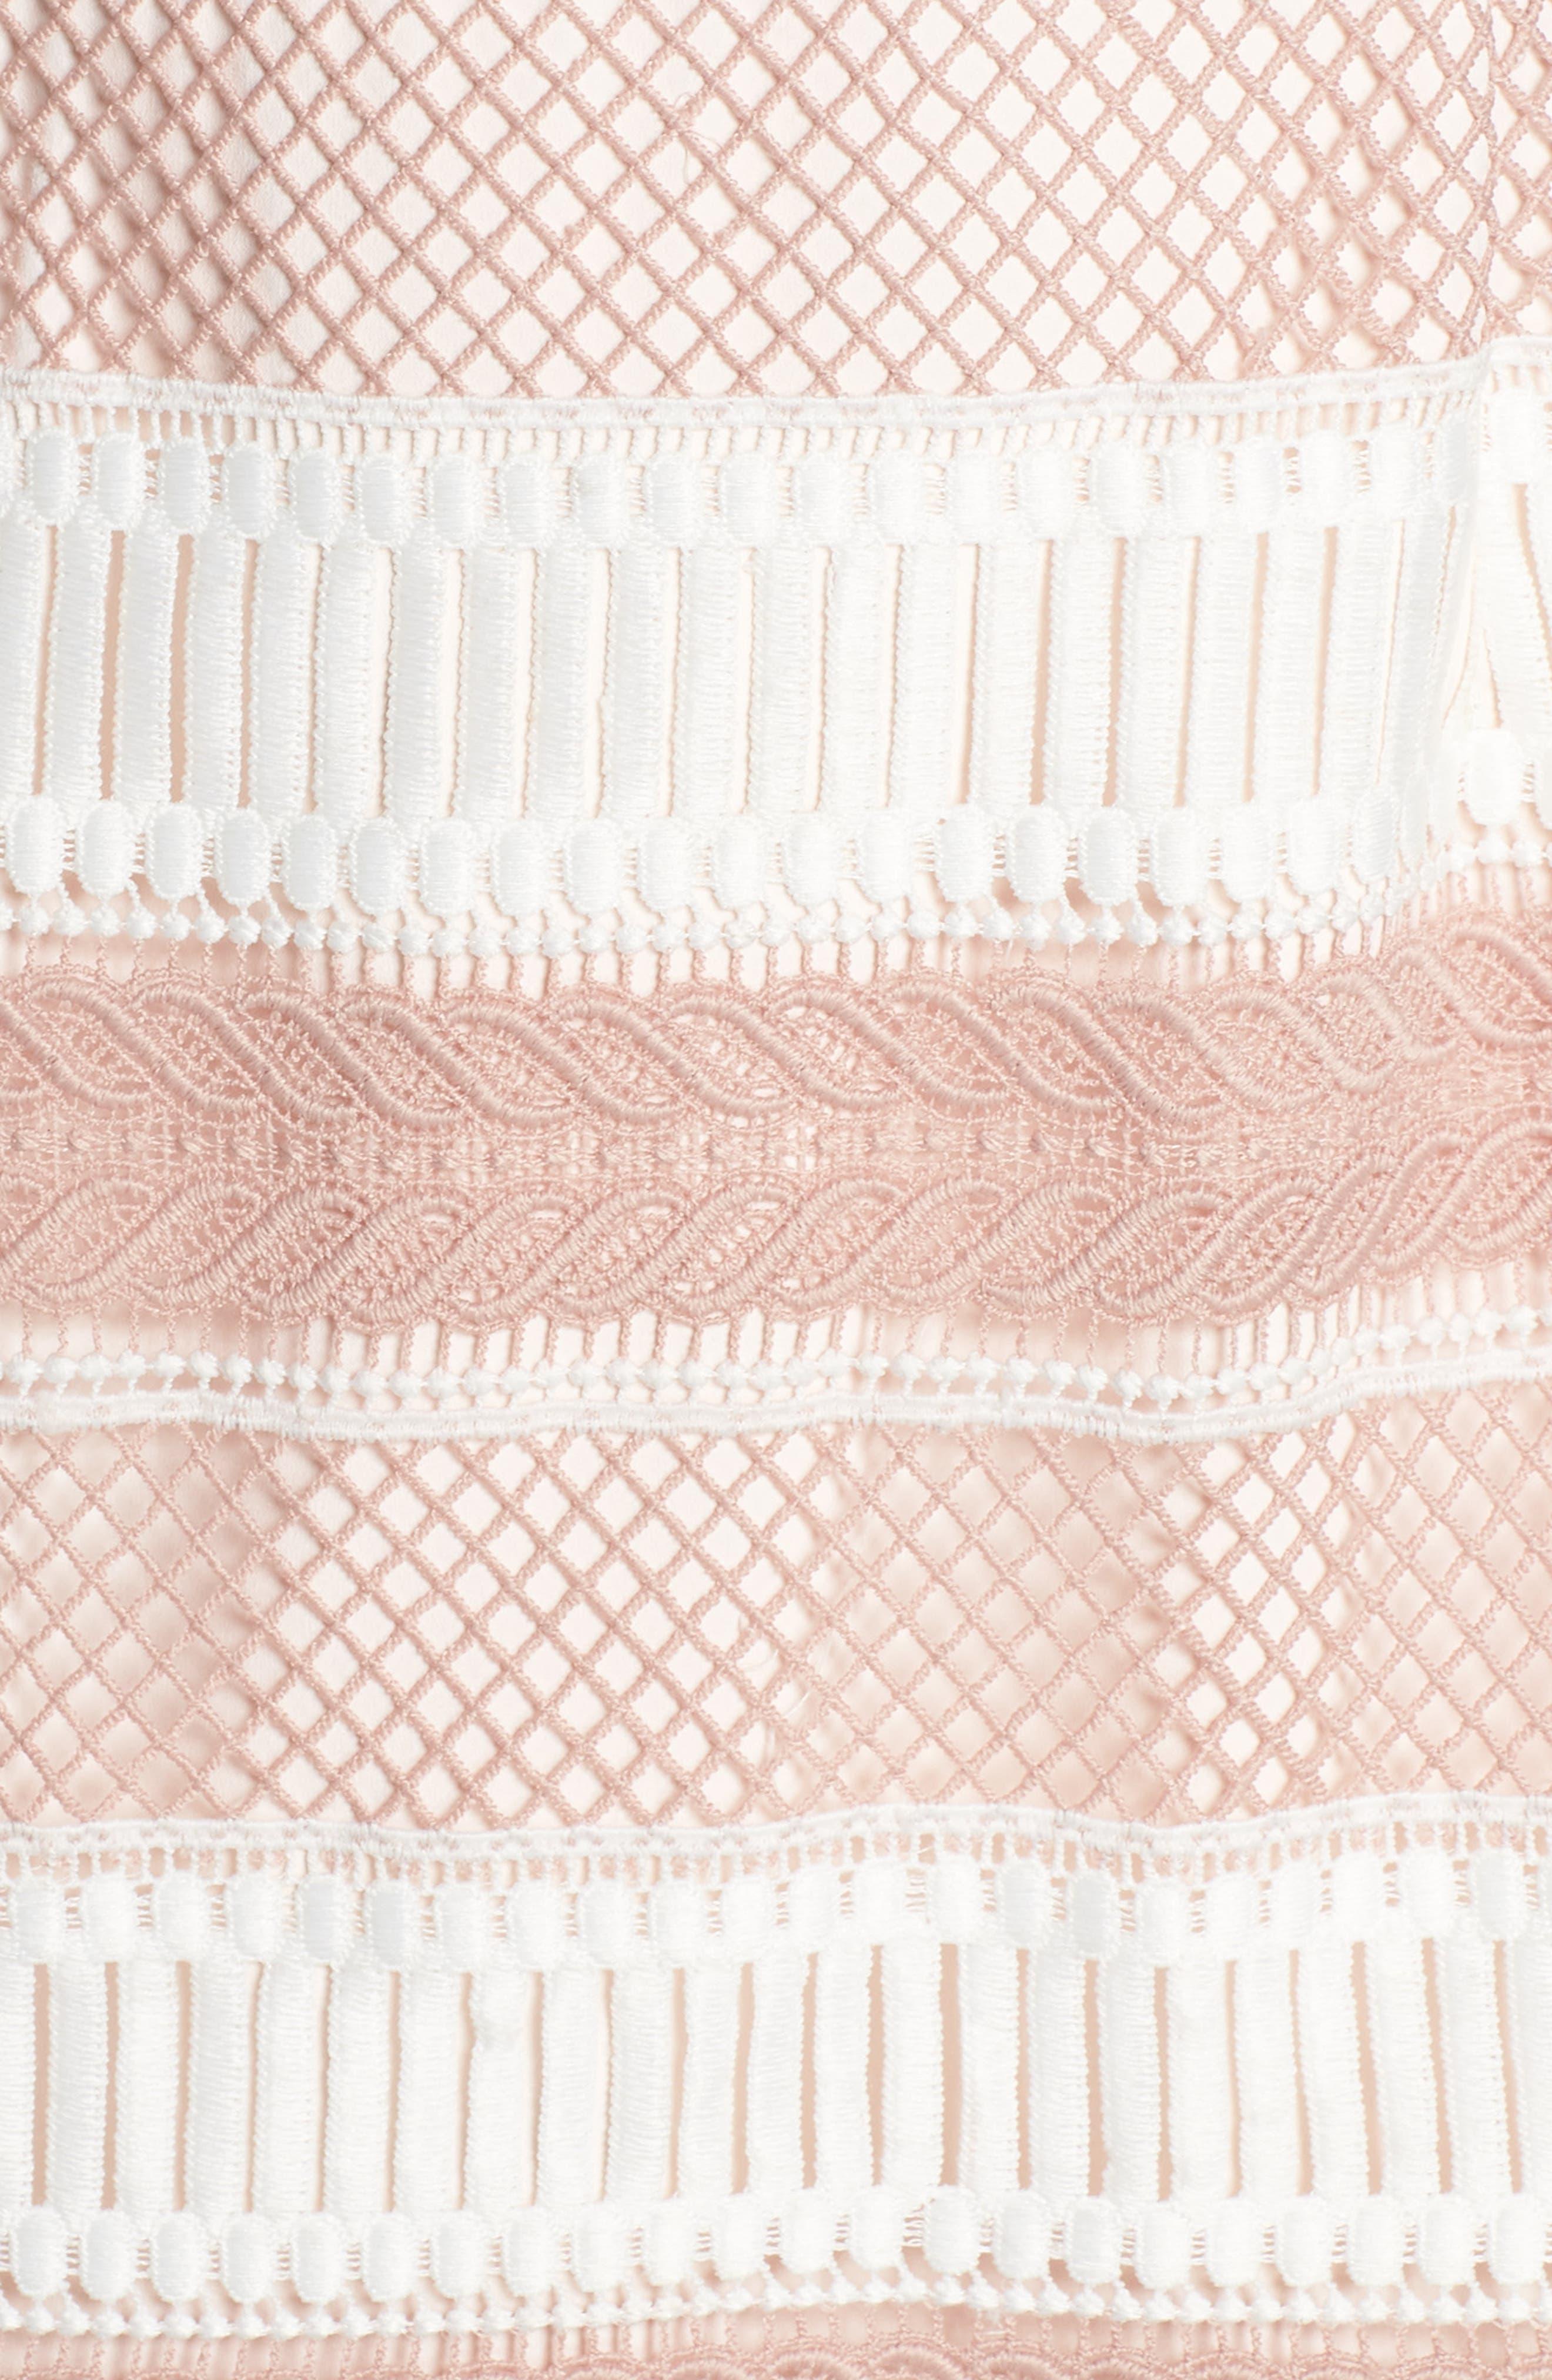 Kingston Stripe Lace Sheath Dress,                             Alternate thumbnail 5, color,                             661